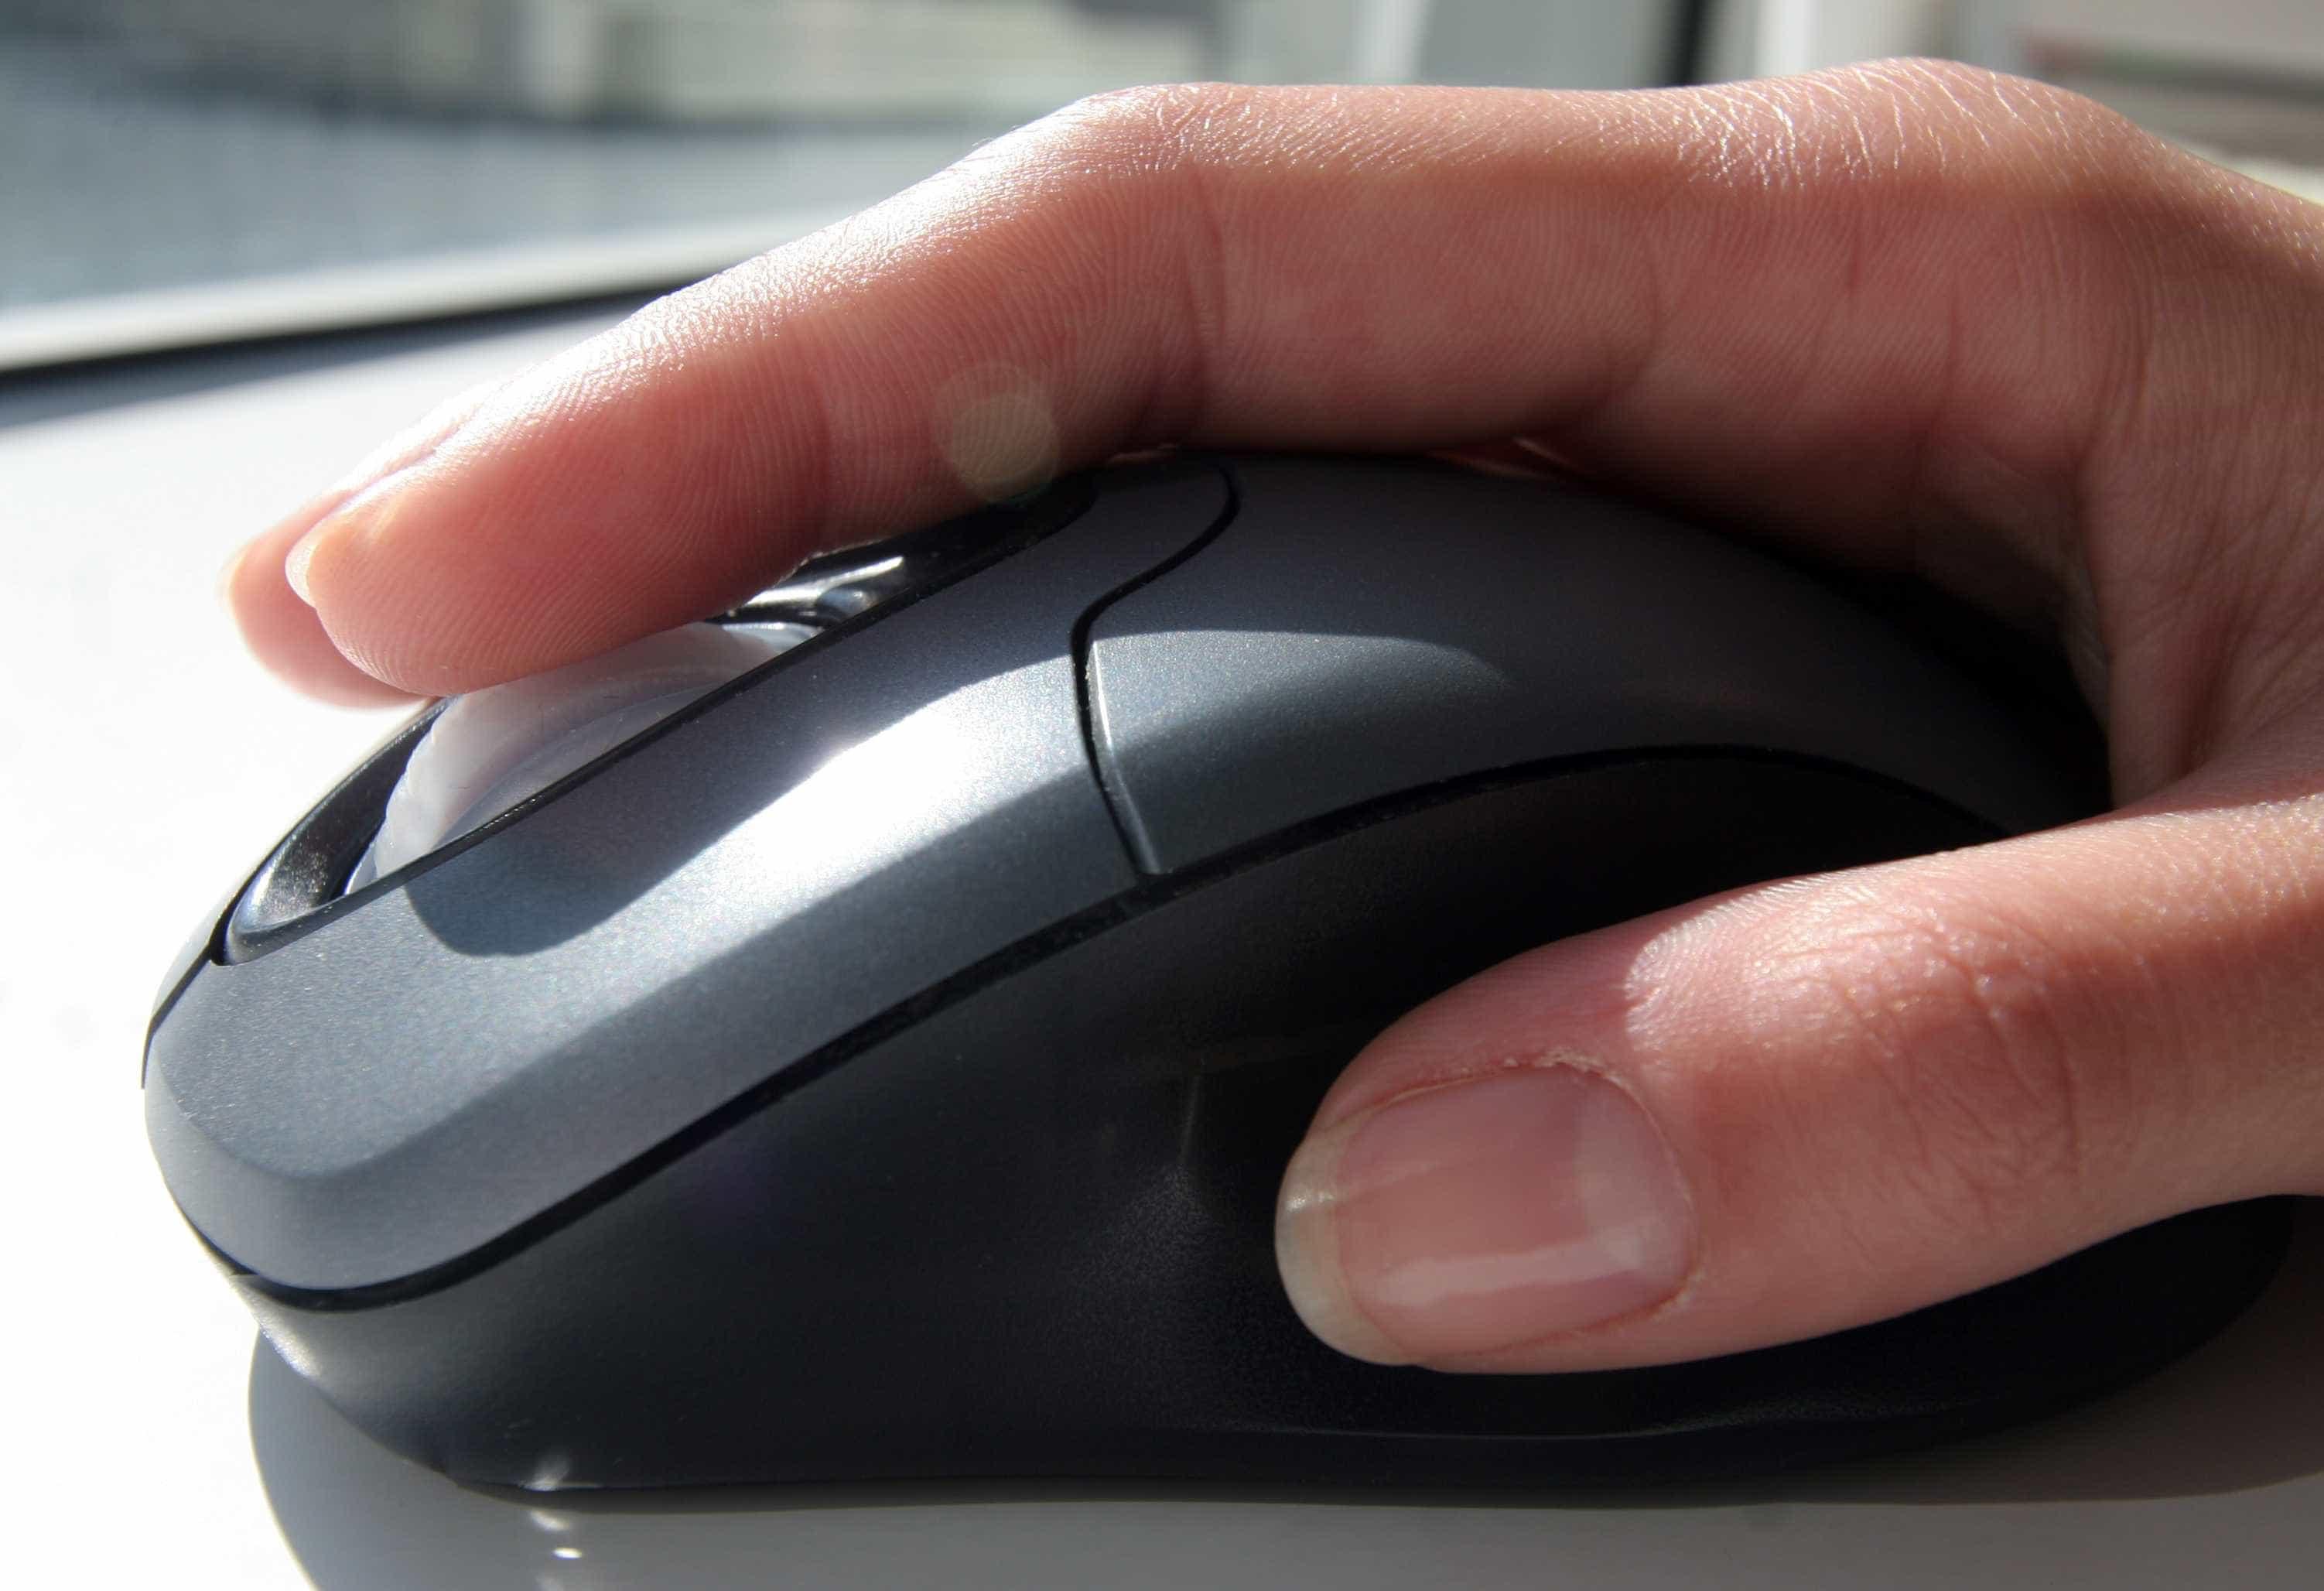 Instituto público abre processo a funcionária por alegados mails racistas